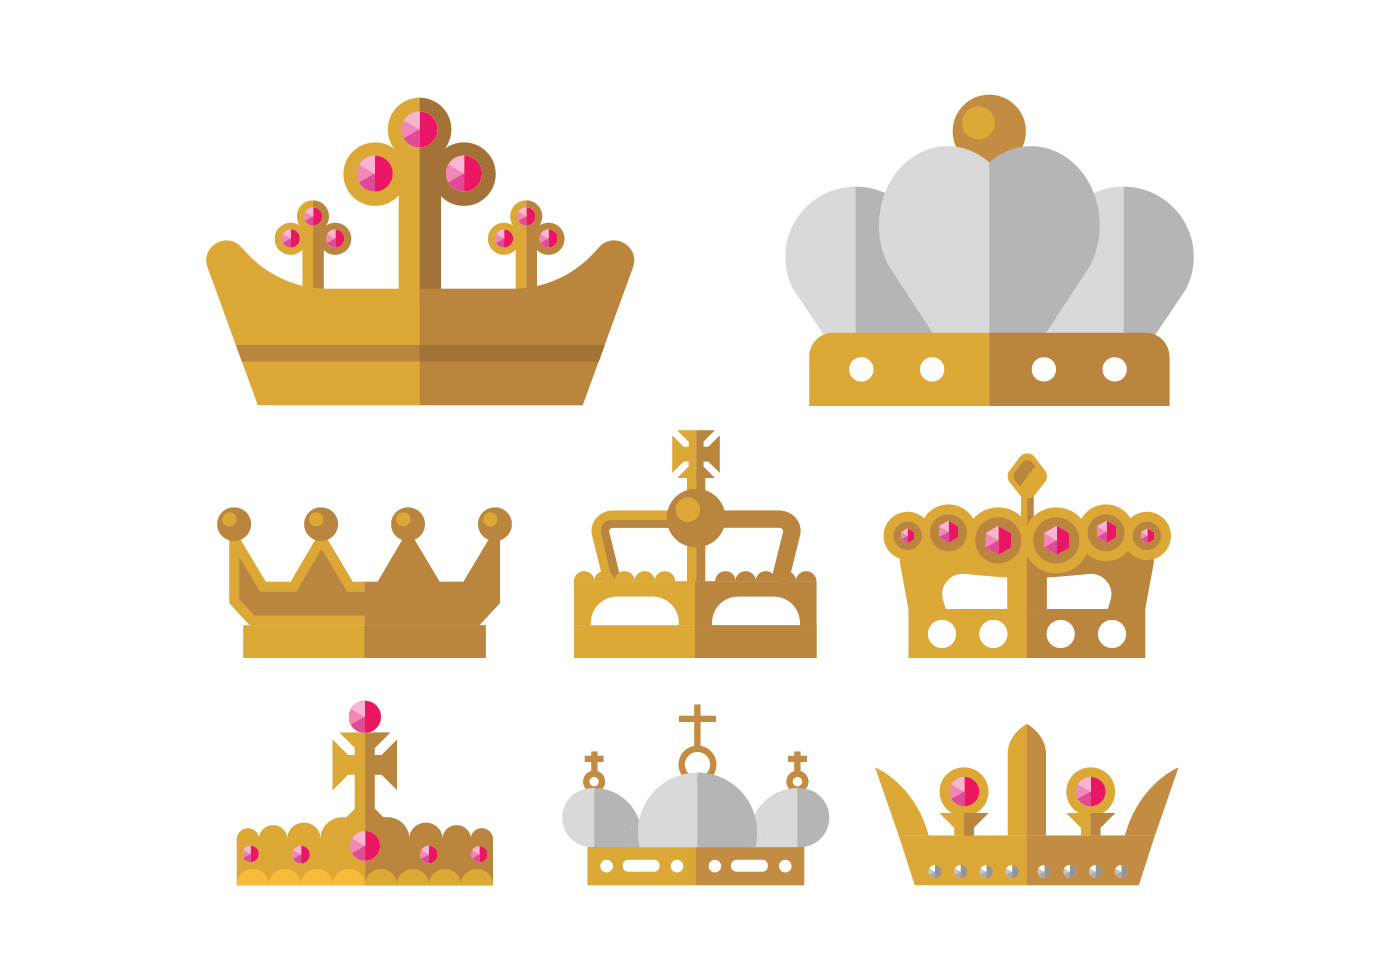 golden crown vector icons download free vector art